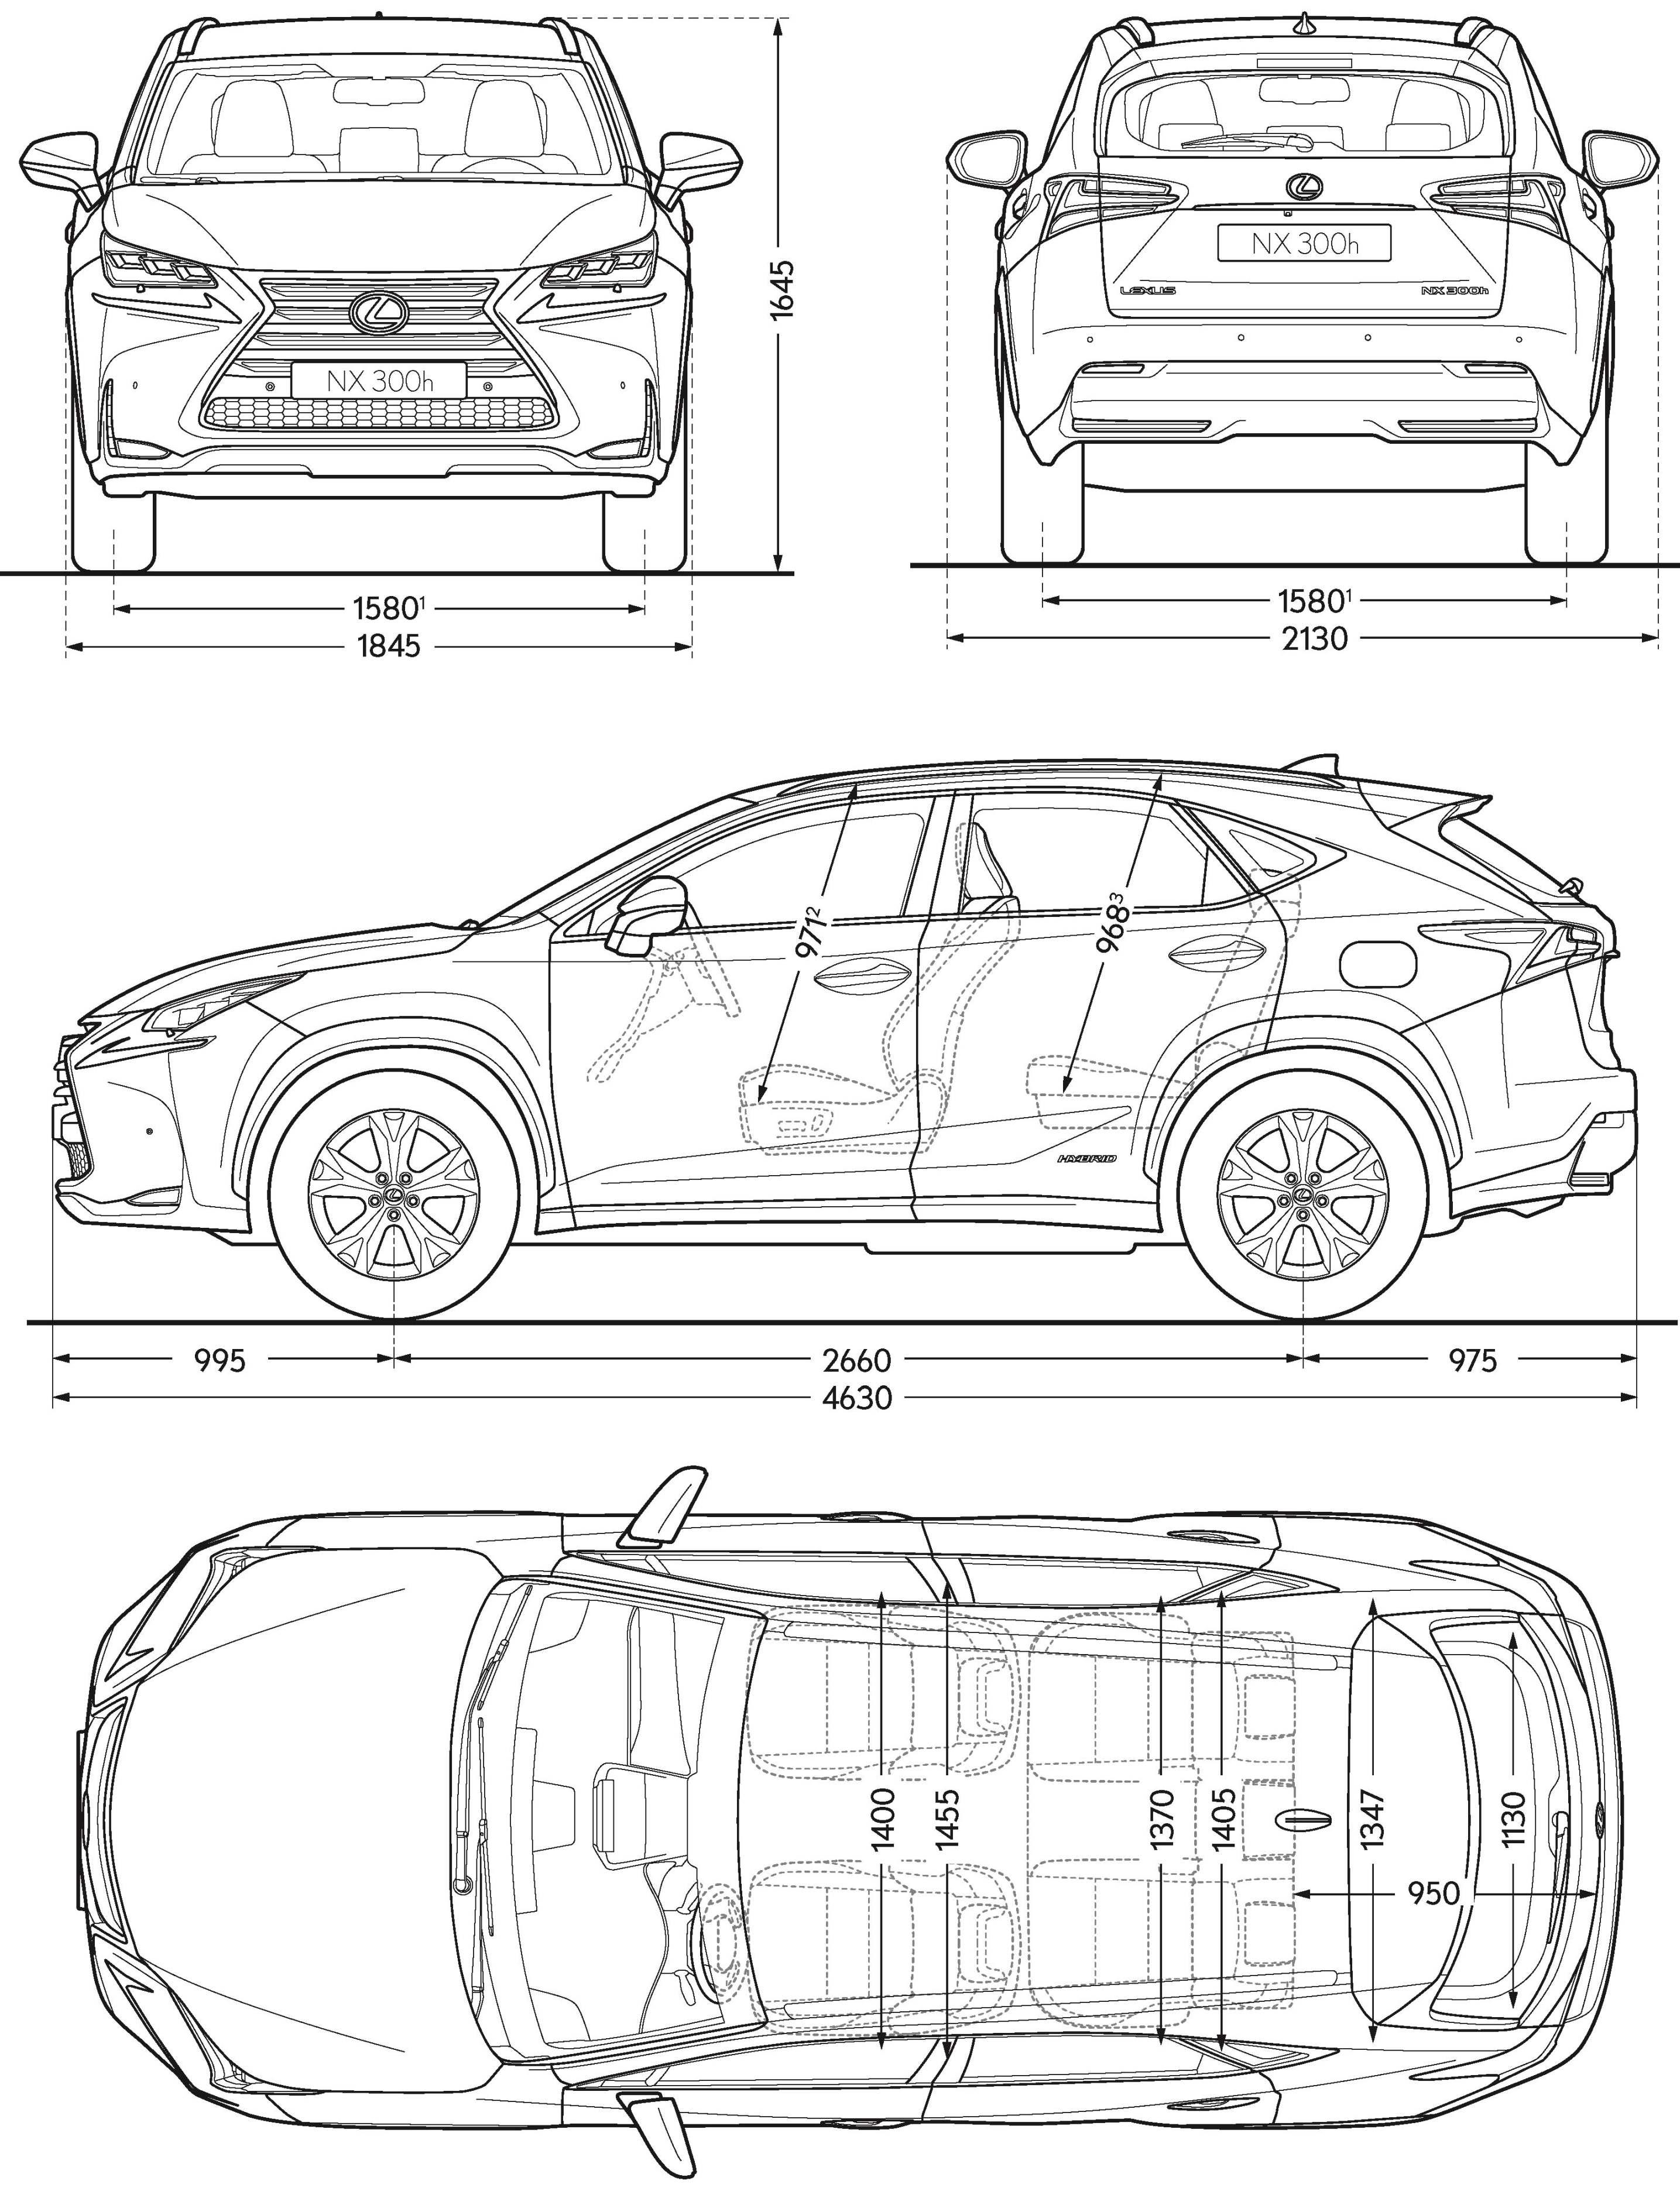 Lexus NX 300h blueprint